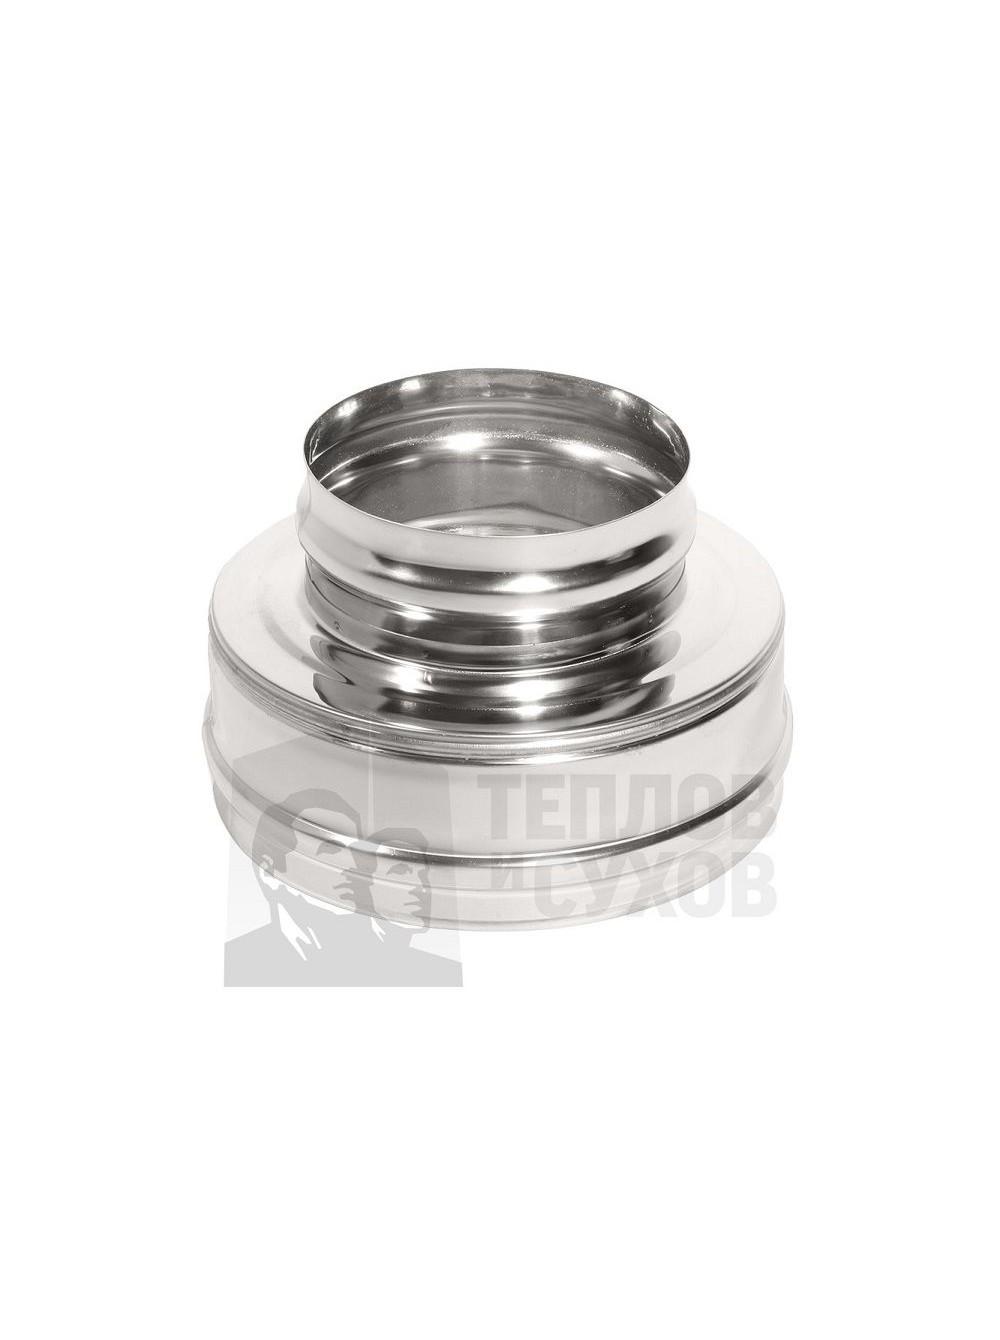 Конус Термо КТ-Р 430-0.5/430 D110/180 М